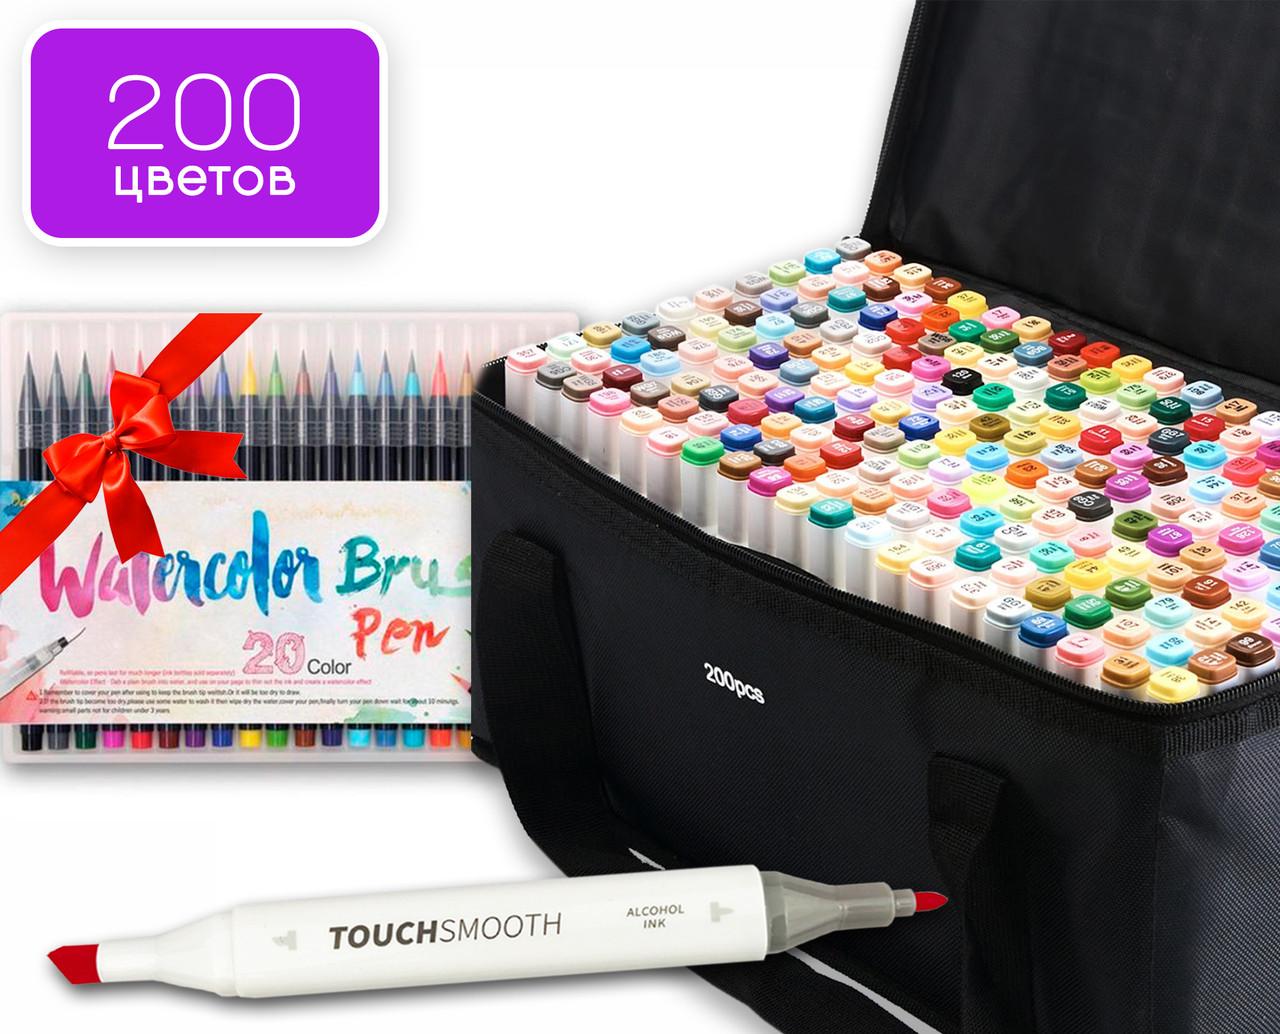 Великий набір професійних маркерів 200 штук Touch Smooth на спиртовій основі + акварельних маркерів 20 шт